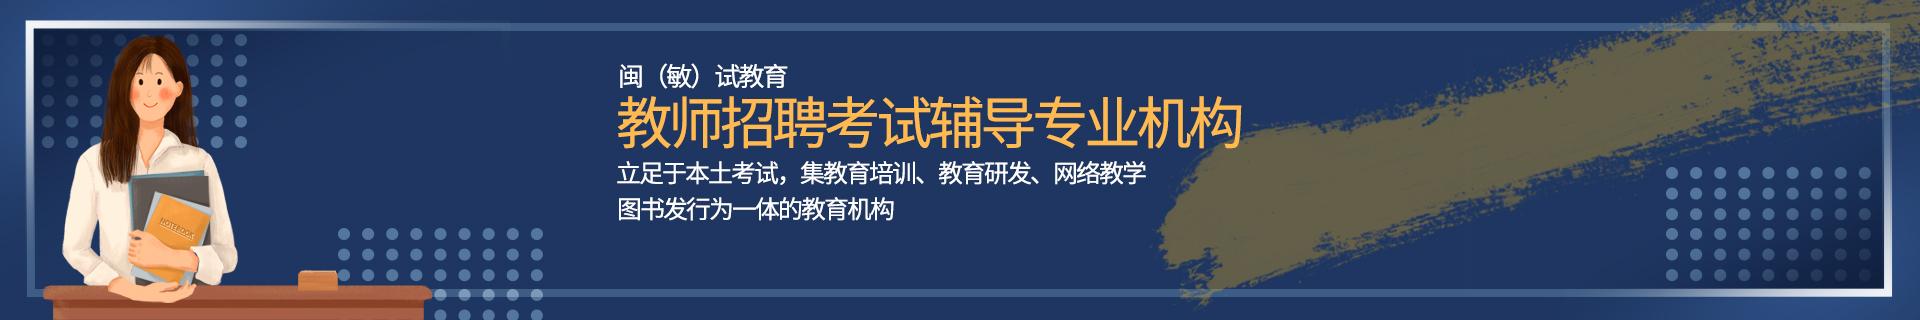 福州闽侯闽试教育培训机构